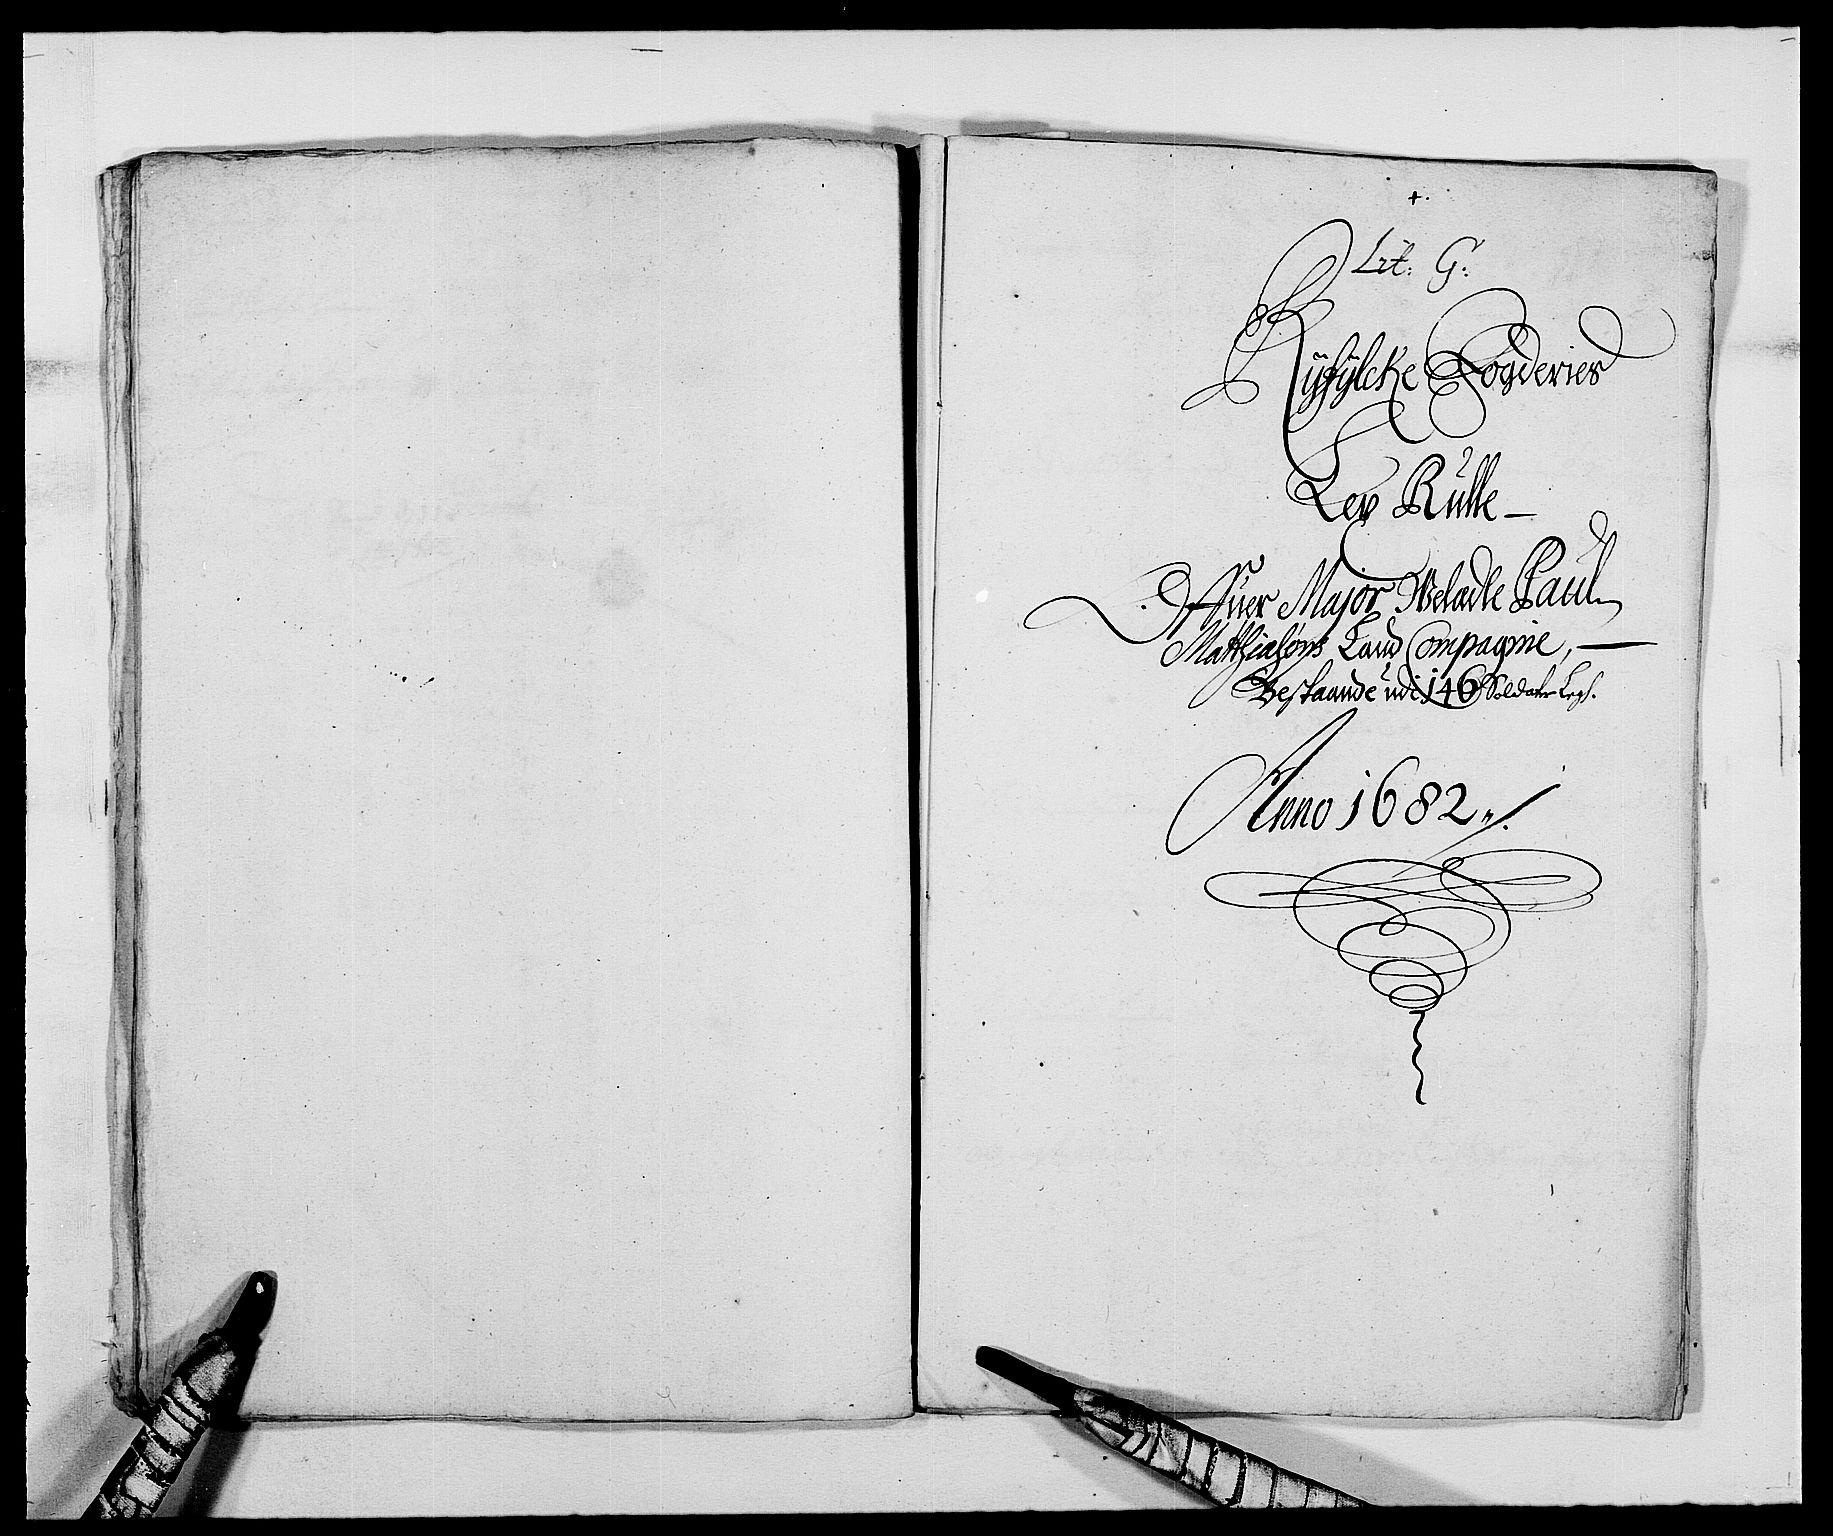 RA, Rentekammeret inntil 1814, Reviderte regnskaper, Fogderegnskap, R47/L2853: Fogderegnskap Ryfylke, 1682-1683, s. 243